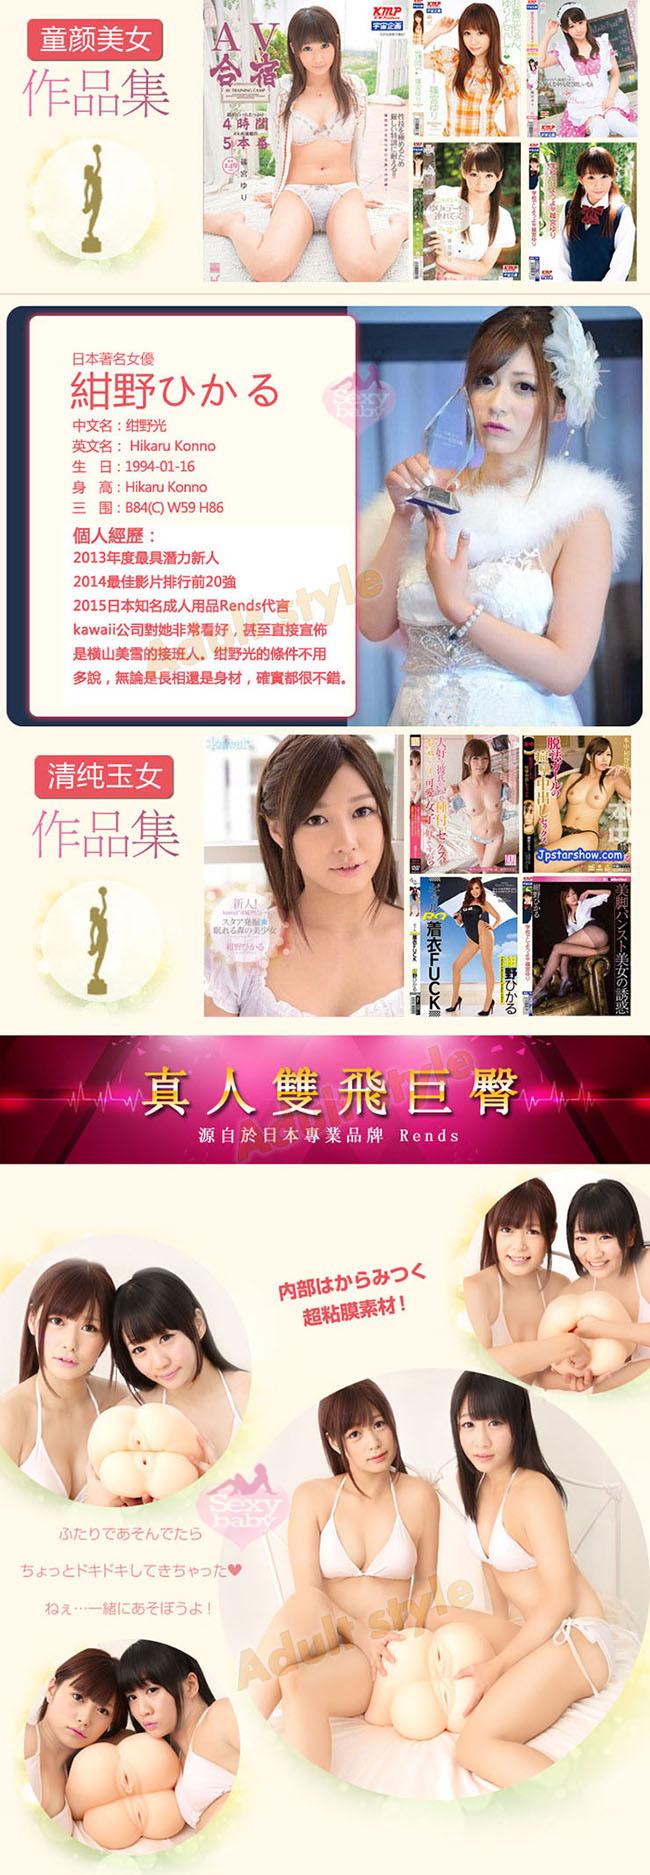 情趣精品-日本RENDS-女優姐妹3D雙飛巨臀(真人版超重量8KG)筱宮由里&紺野光